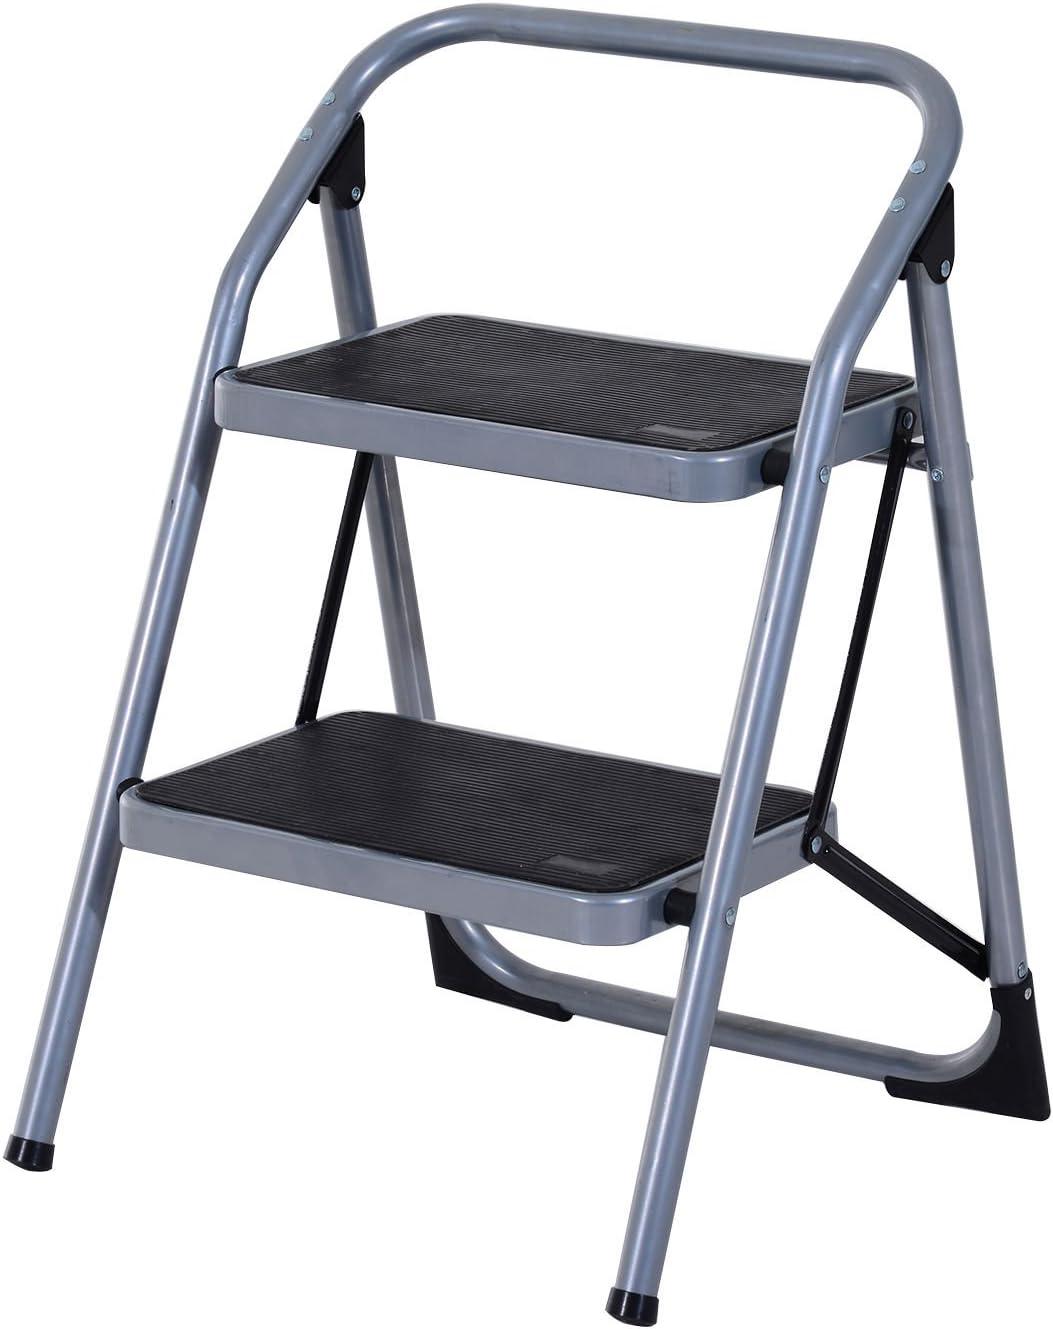 HOMCOM Escalera de Tijera 2 Peldaños, Escalera Plegable de Acero Taburete Escabel Base Antideslizante: Amazon.es: Bricolaje y herramientas